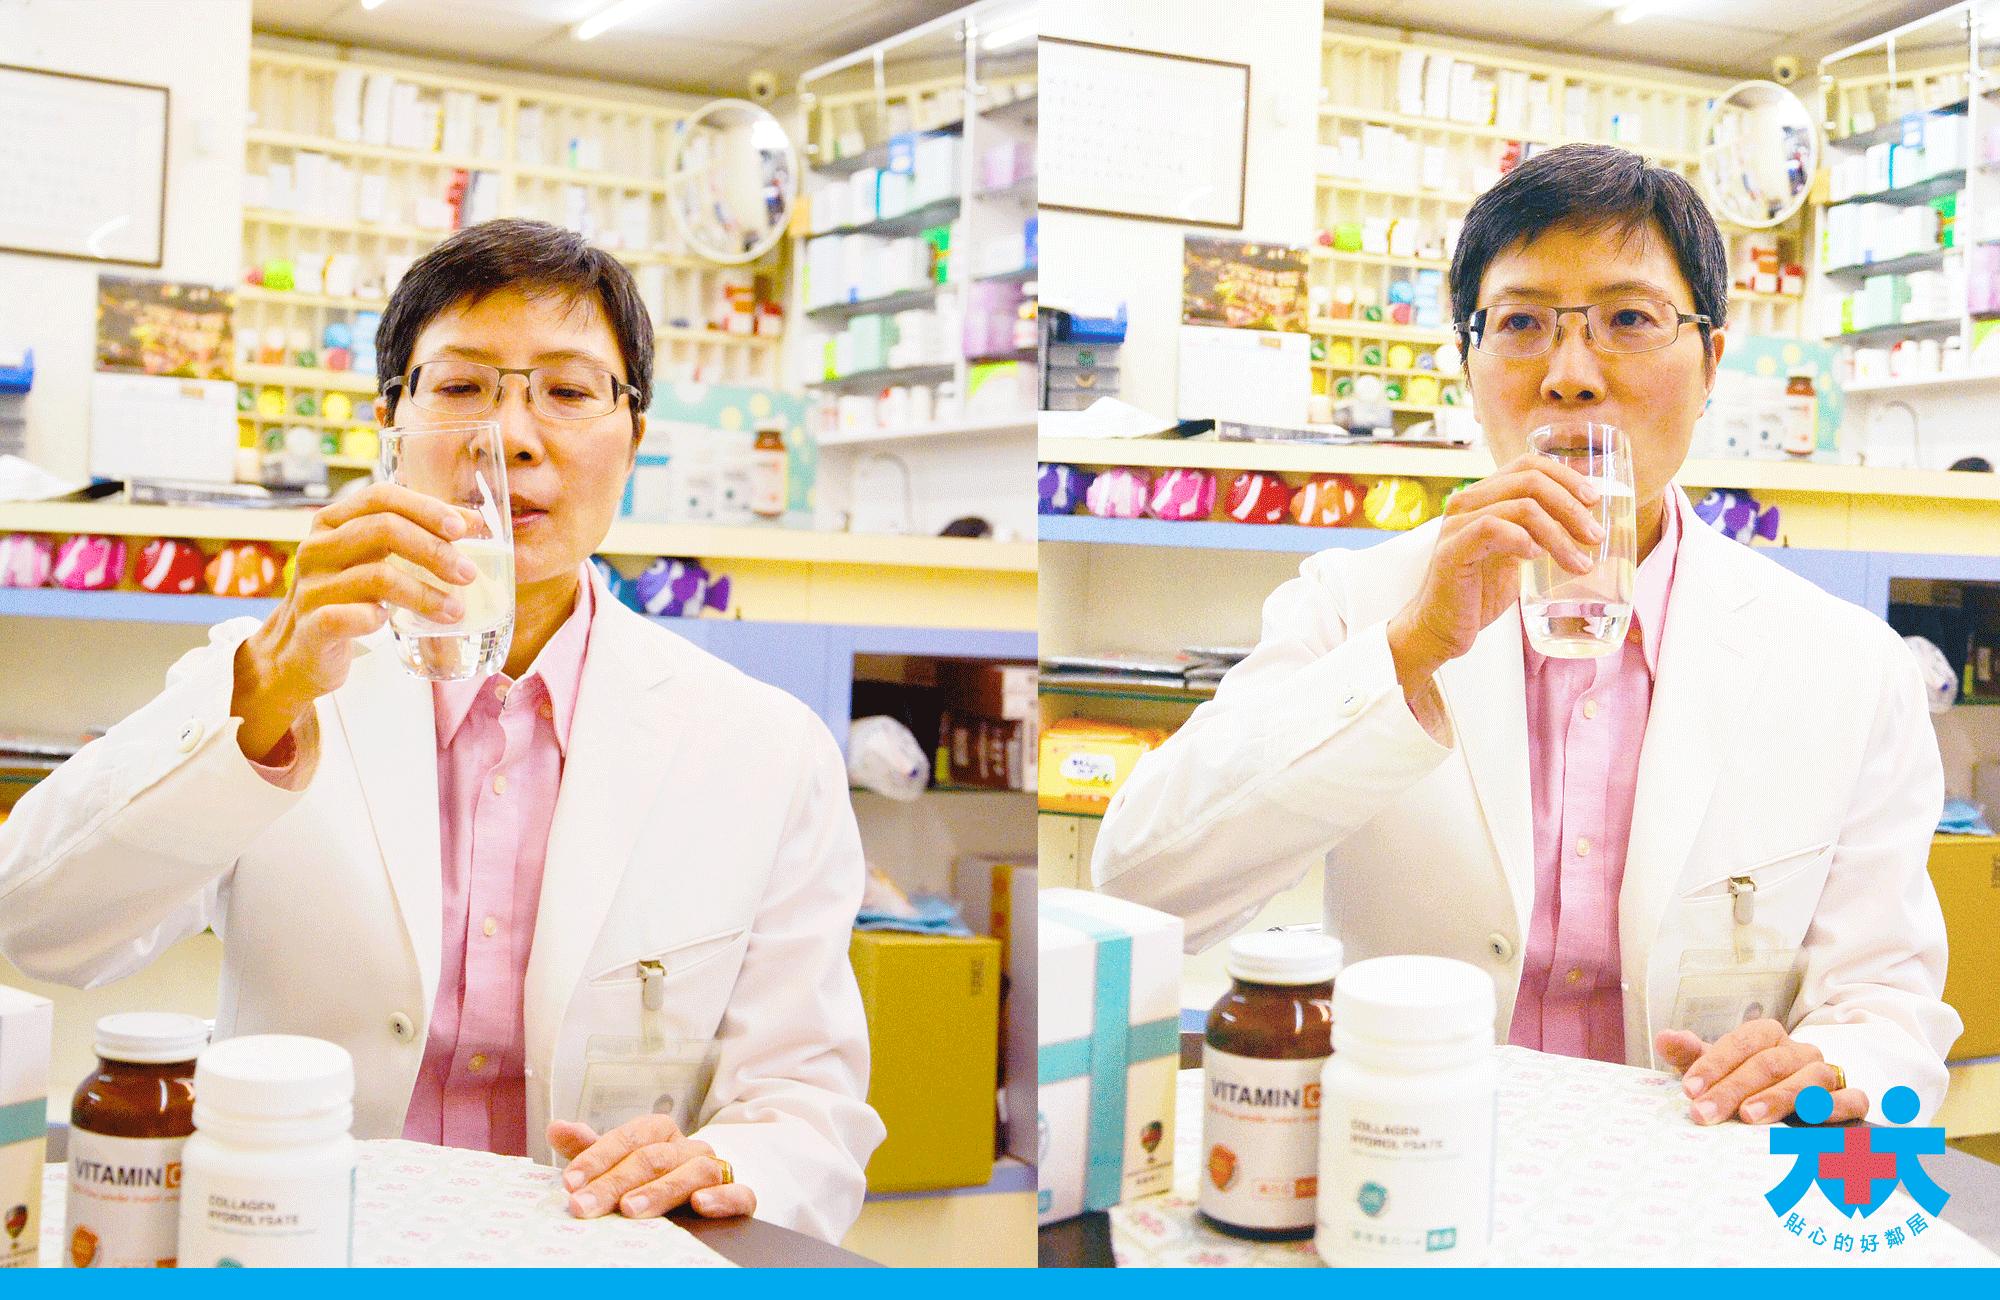 洪秋楓藥師指出優質膠原蛋白喝起來無味道,水解膠原蛋白推薦,膠原蛋白